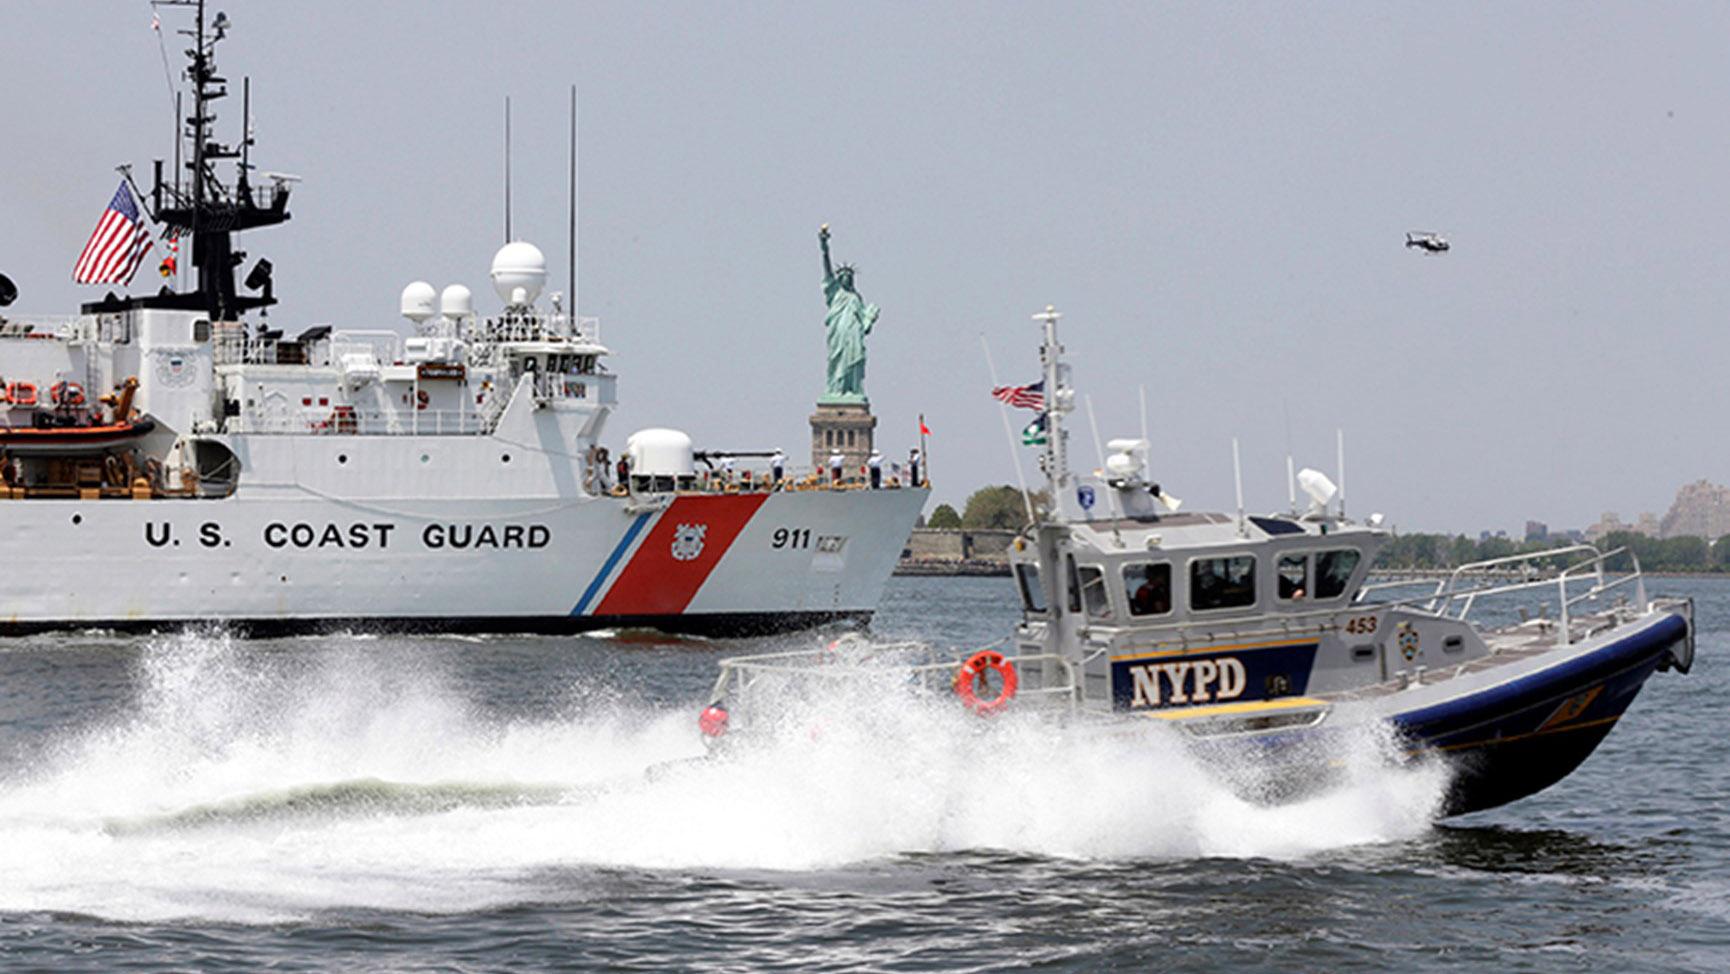 美台签署海巡合作备忘录,美国海岸警卫队(USCG)将可来台协作值勤。(AP)